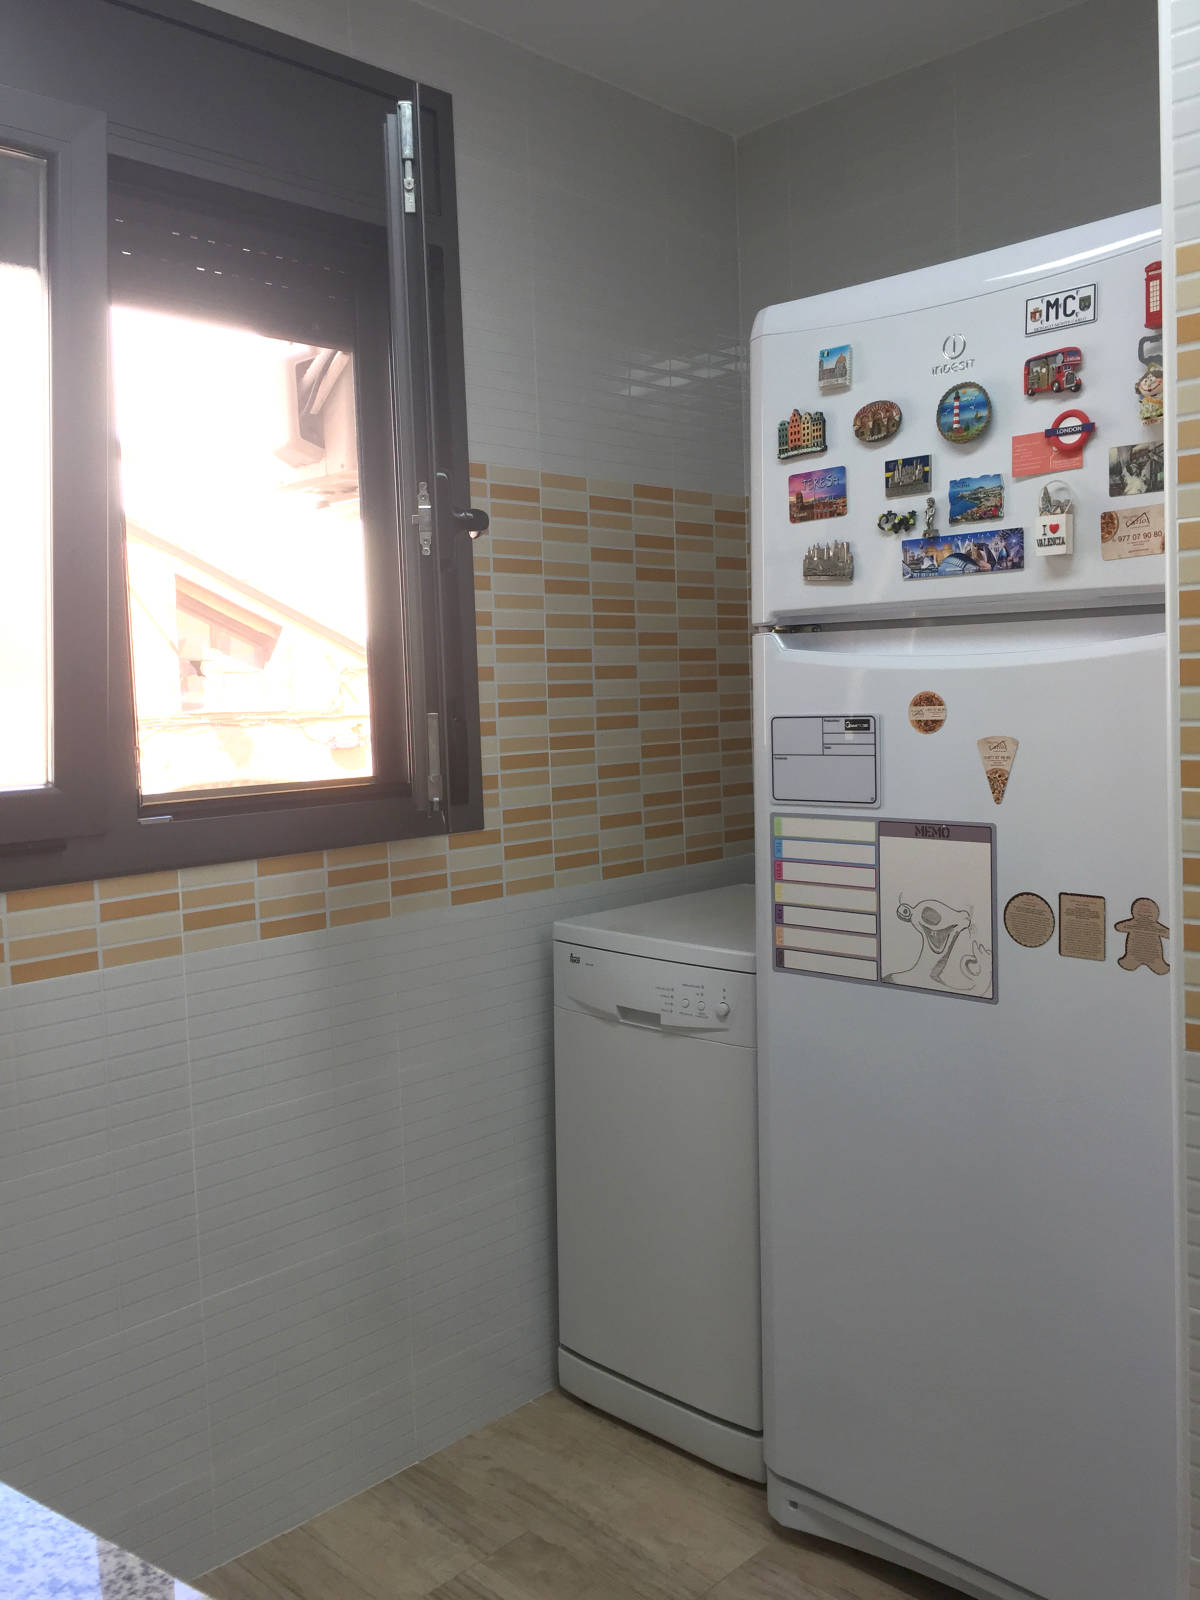 Foto 6 - Casa adosada en Reus con 3 pisos independientes